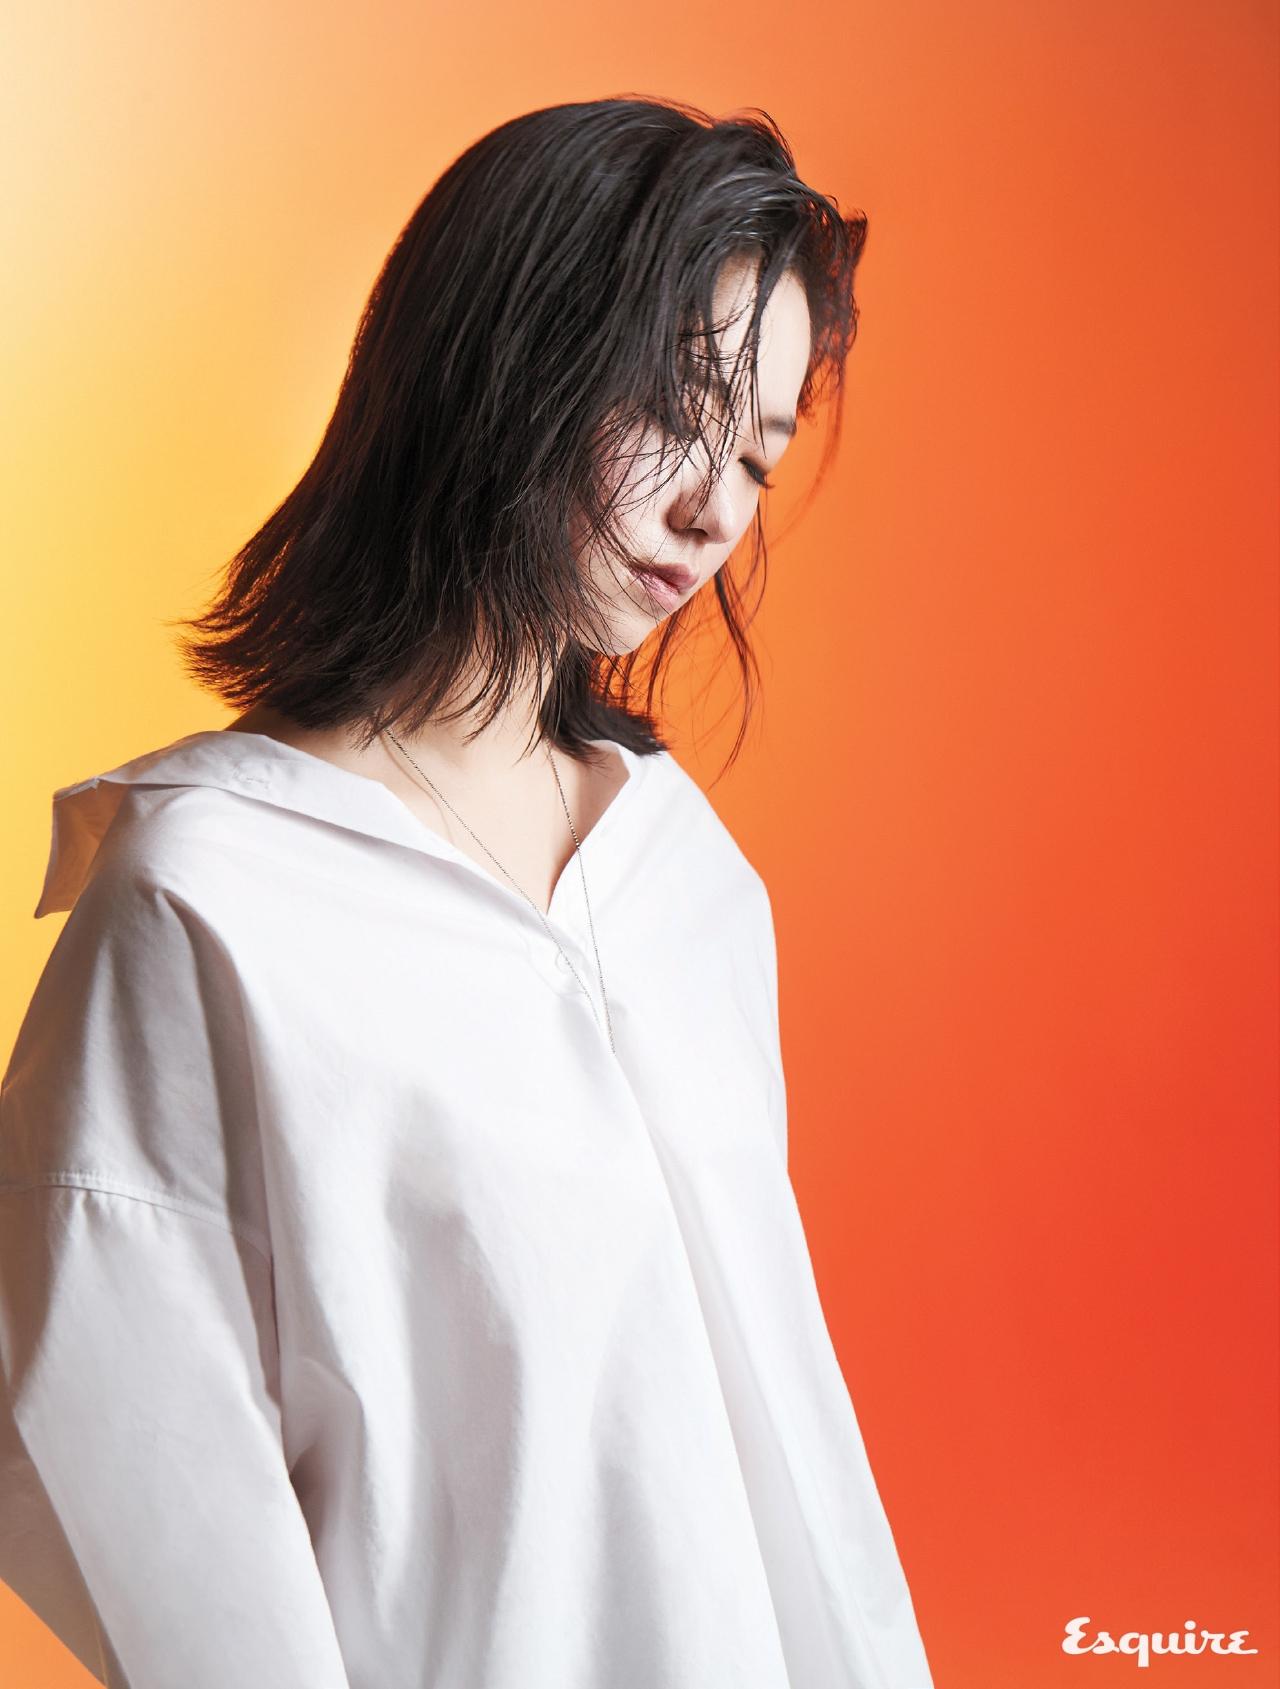 전여빈, 2017'S RAISING STAR - 에스콰이어 Esquire Korea 2017년 2월호